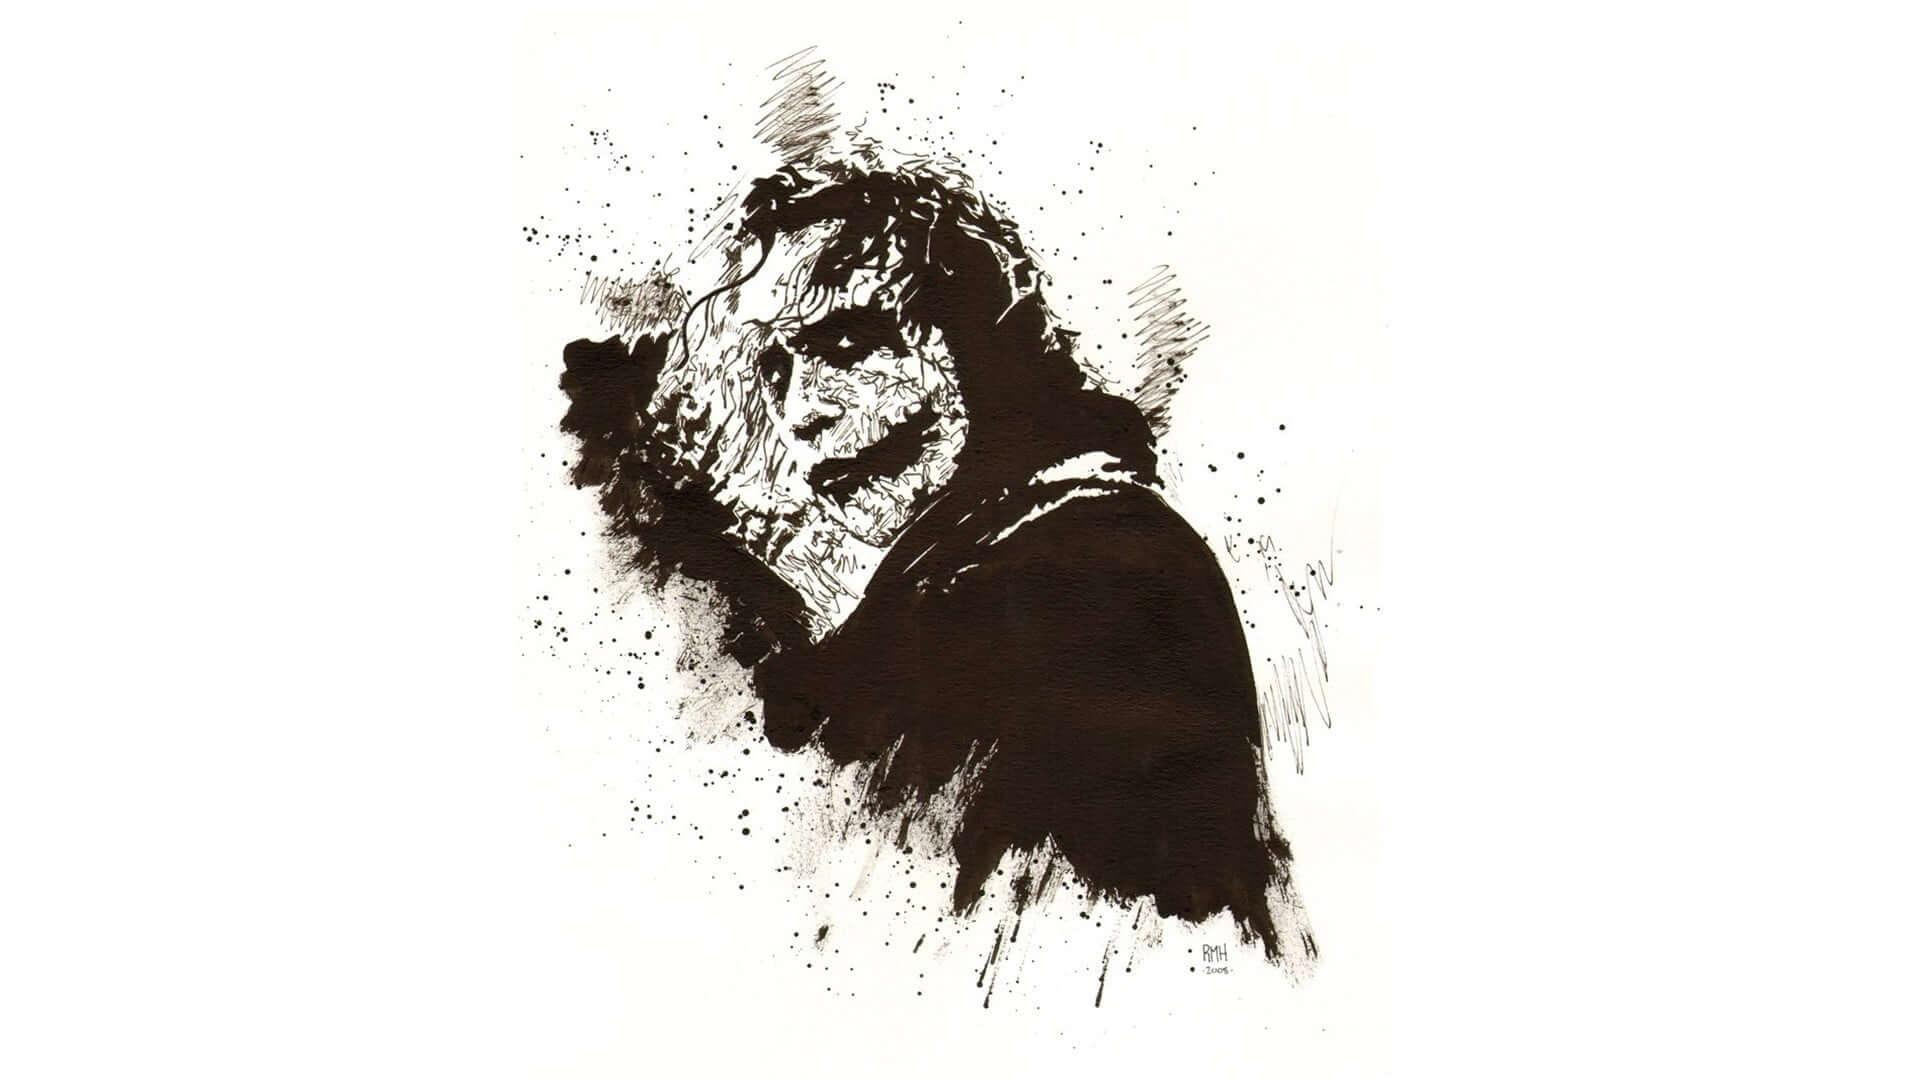 Joker black and white drawing monster wallpaper